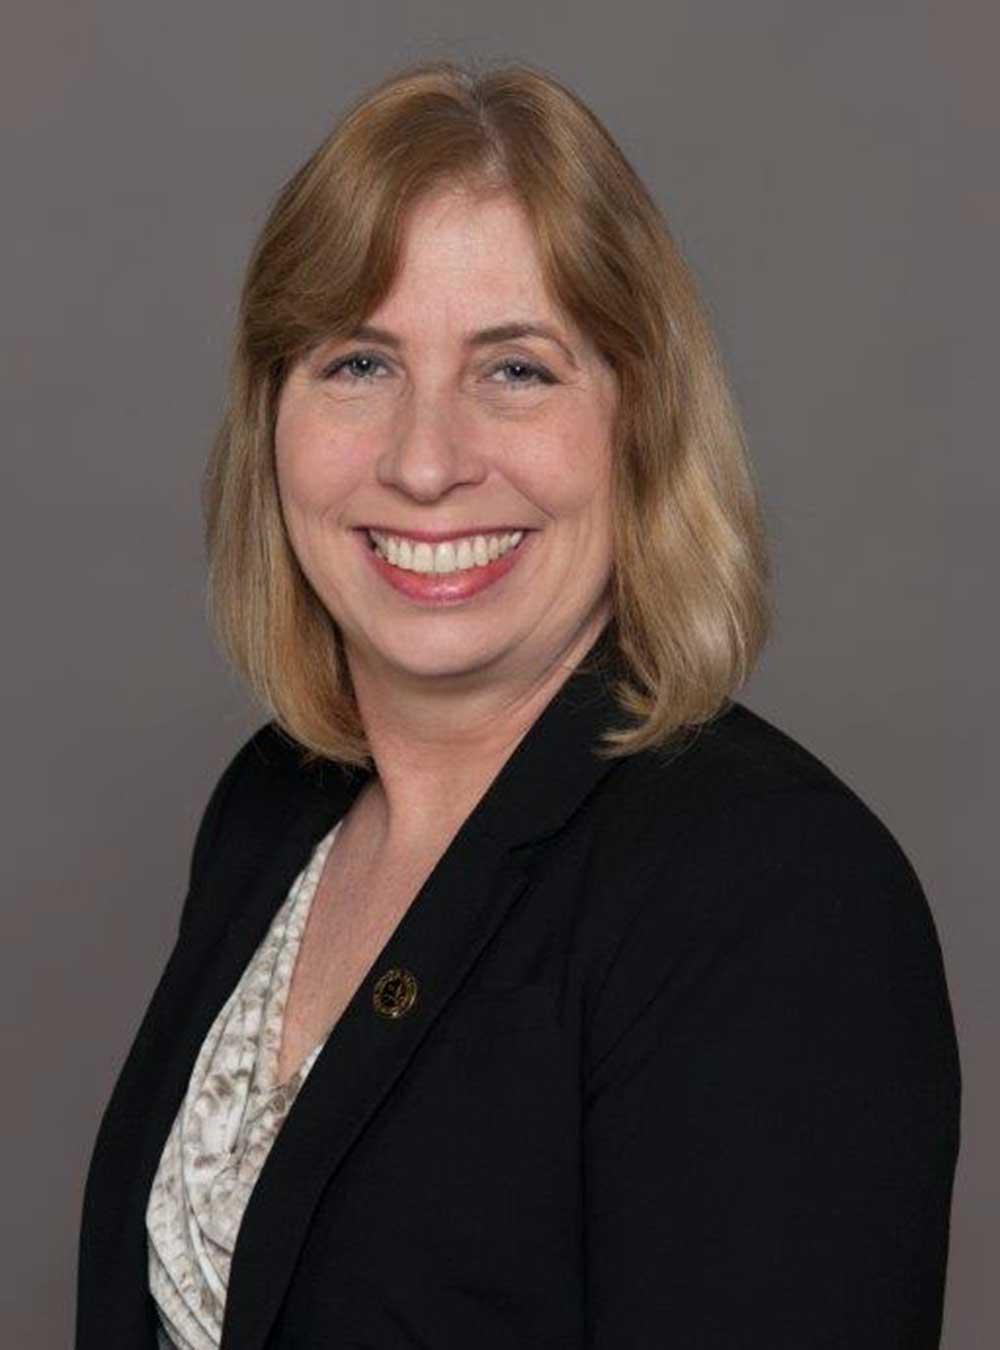 Portrait of Roseanne Eckert